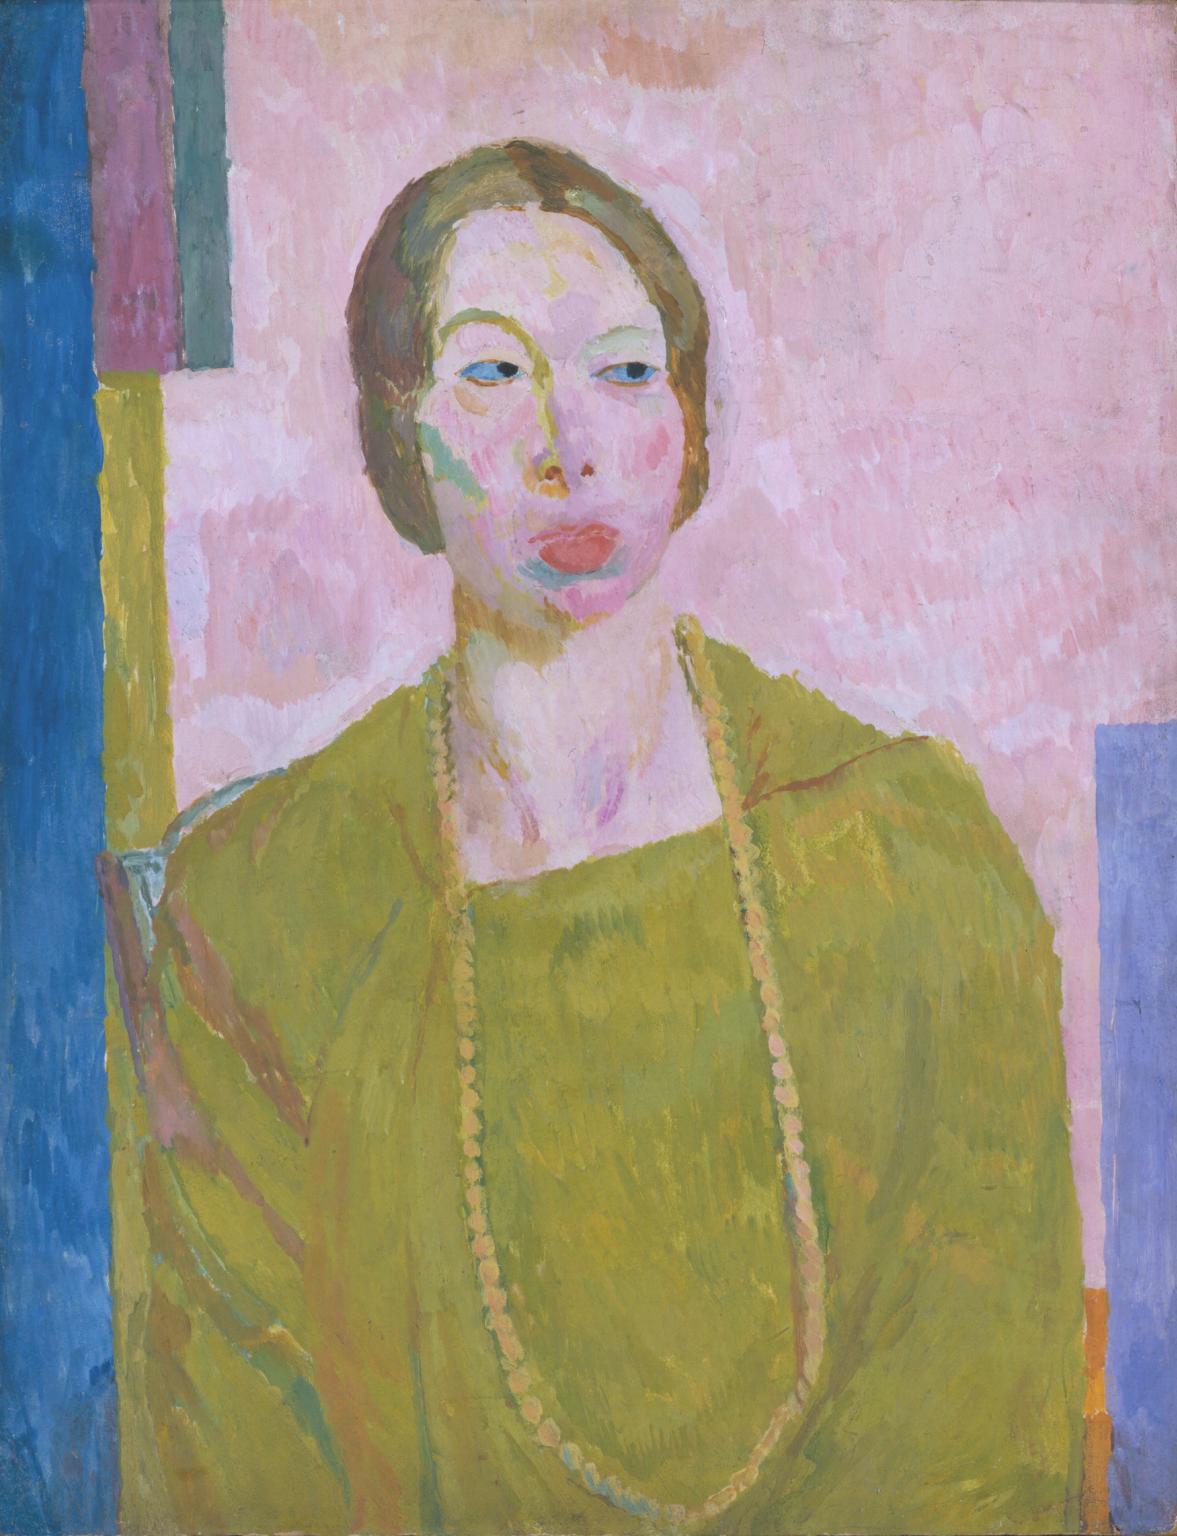 Mrs St John Hutchinson 1915 av Vanessa Bell. Novellförfattaren Mary Hutchingson hade en affär med Bells man Clive, något som Bell var fullt medveten om. Kanske förklarar det detta osmickrande porträtt. När det, till modellens förtret, ställdes ut skrev Vanessa Bell 'It's perfectly hideous…and yet quite recognisable'. Bild: Tate